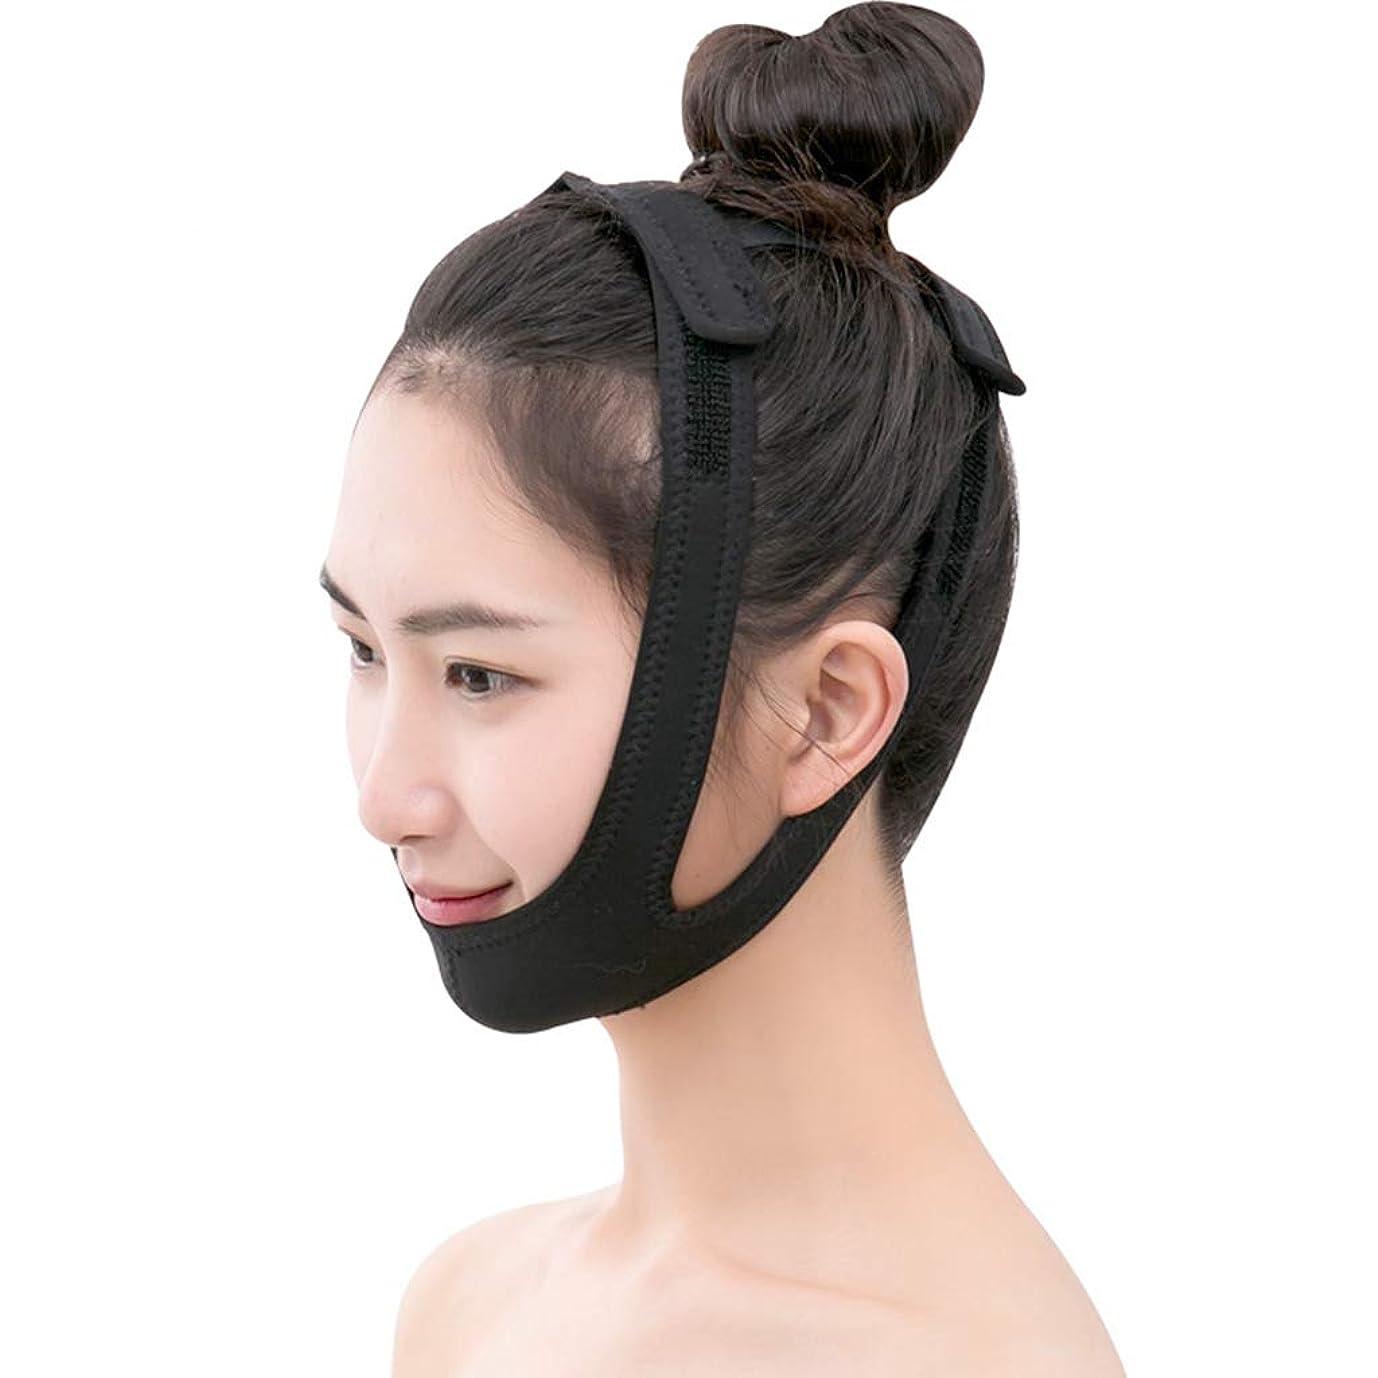 転倒ダーベビルのテス一方、顔リフト手術回復ライン彫刻顔リフト顔のリフト v 顔睡眠マスク